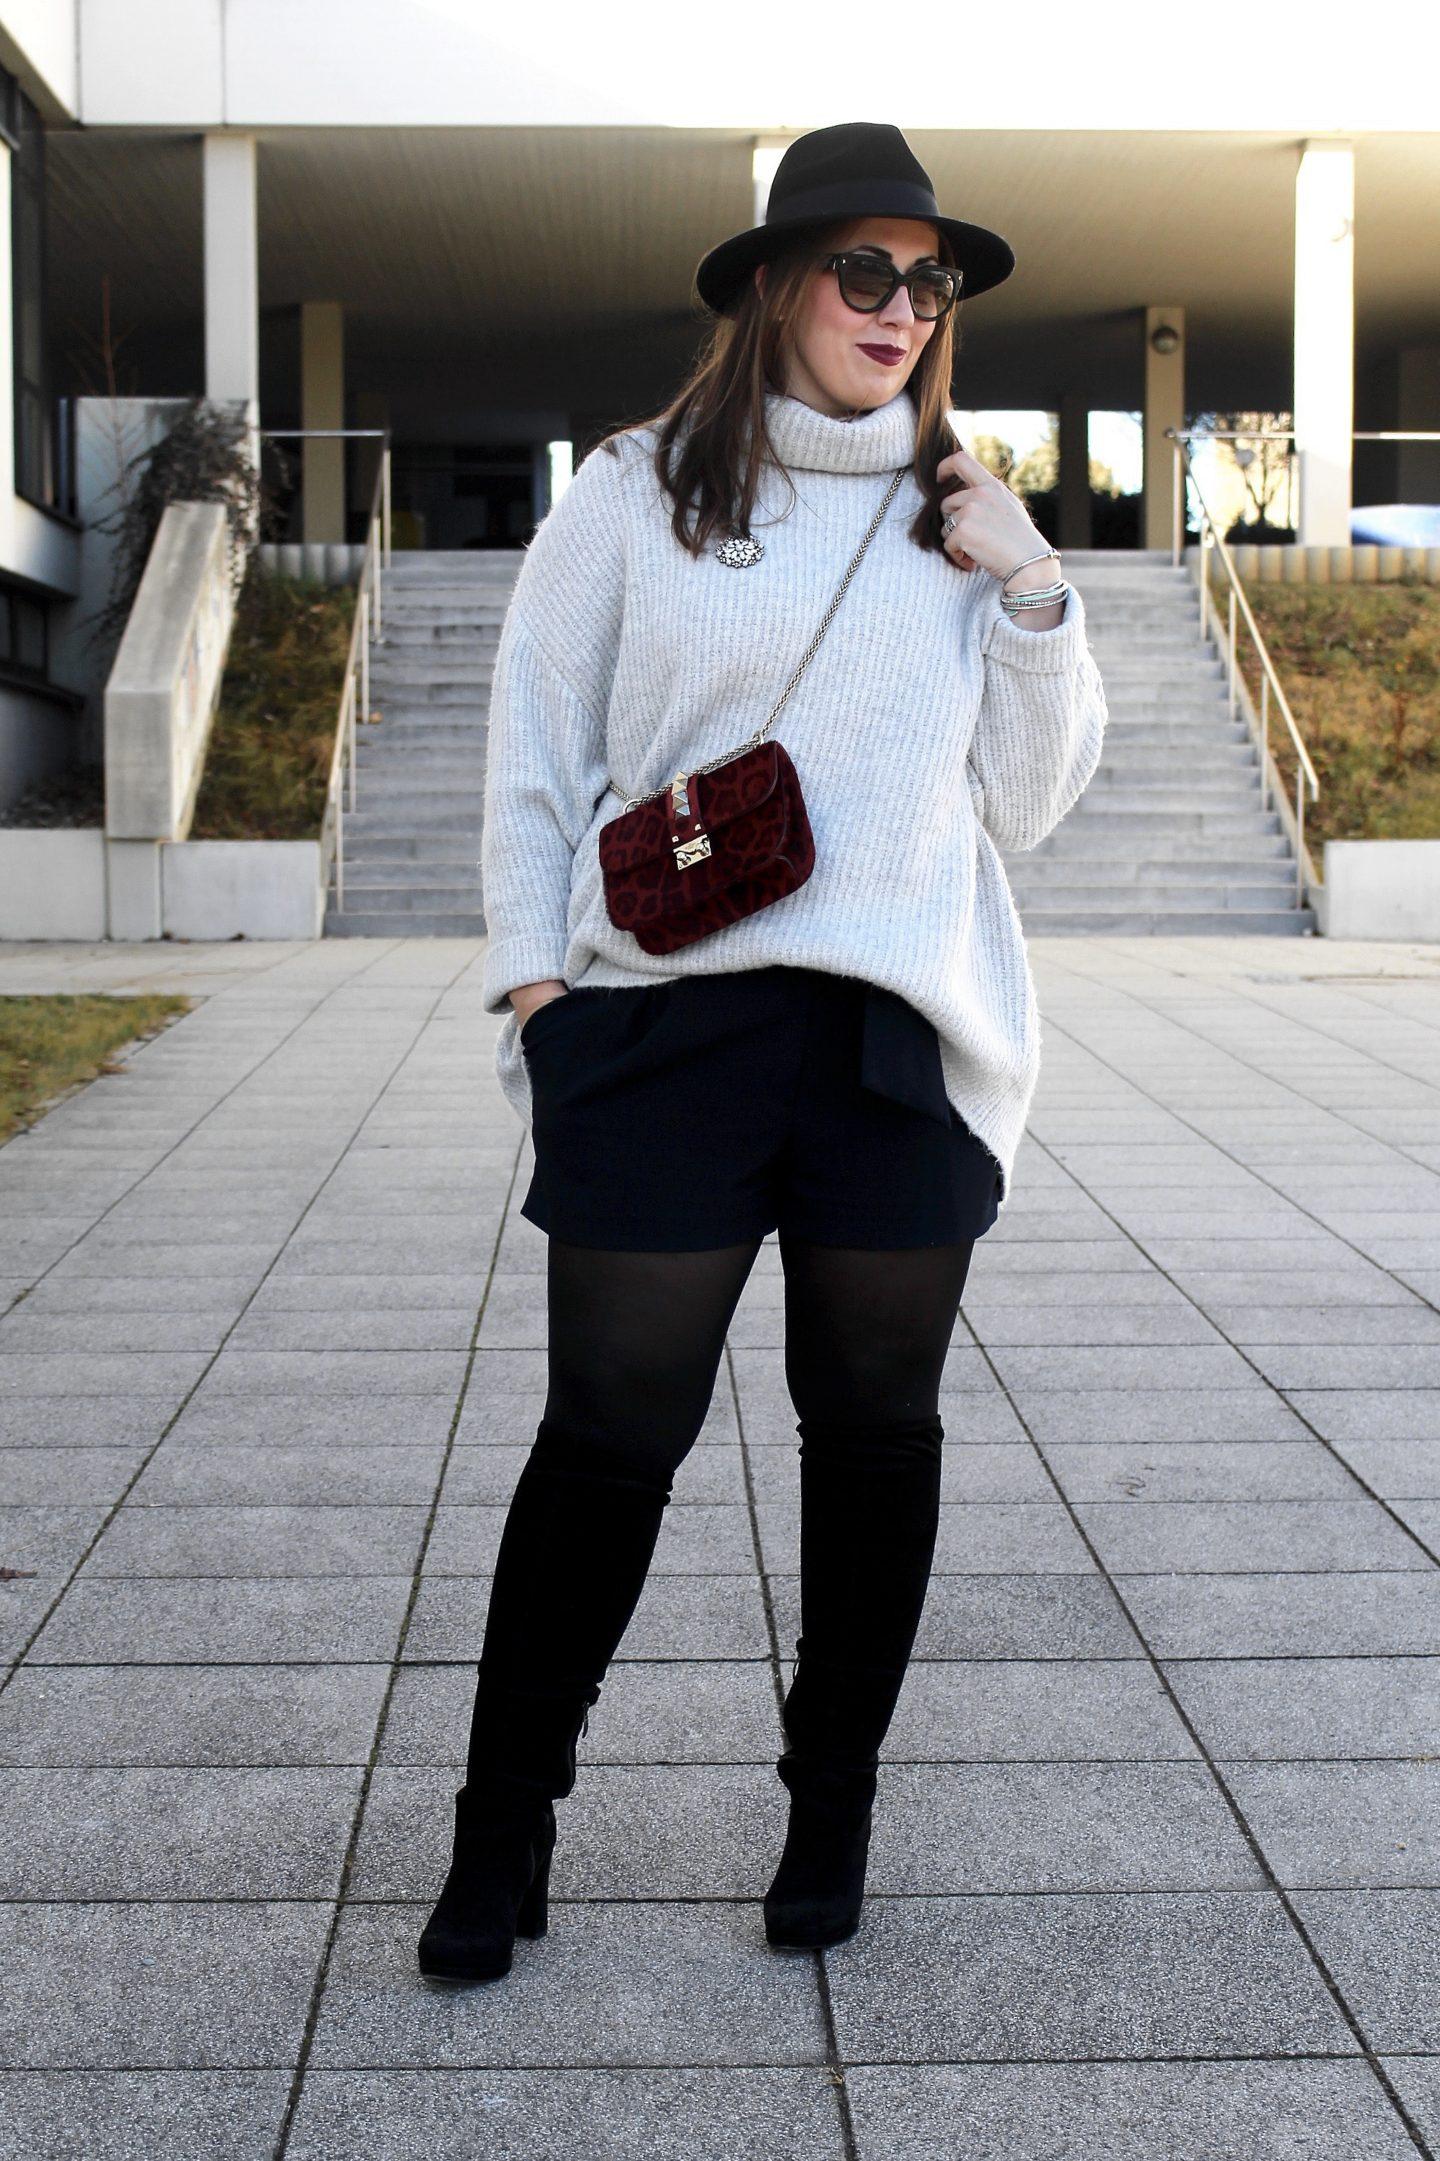 meine-meinung-zu-neujahrsvorsaetzen-und-ein-casual-outfit-mit-strick-und-overknees